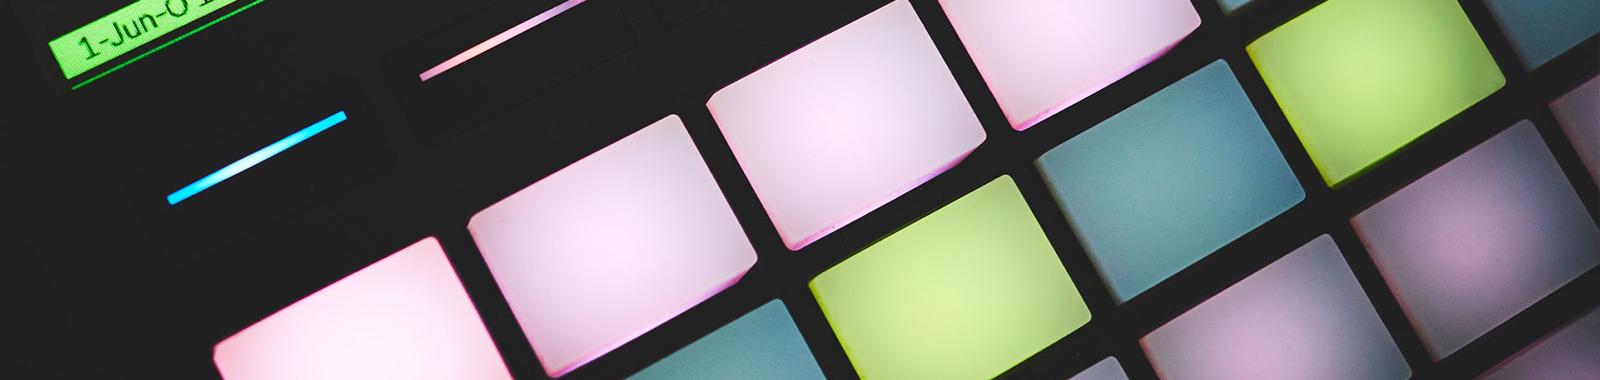 LED网站建设方案